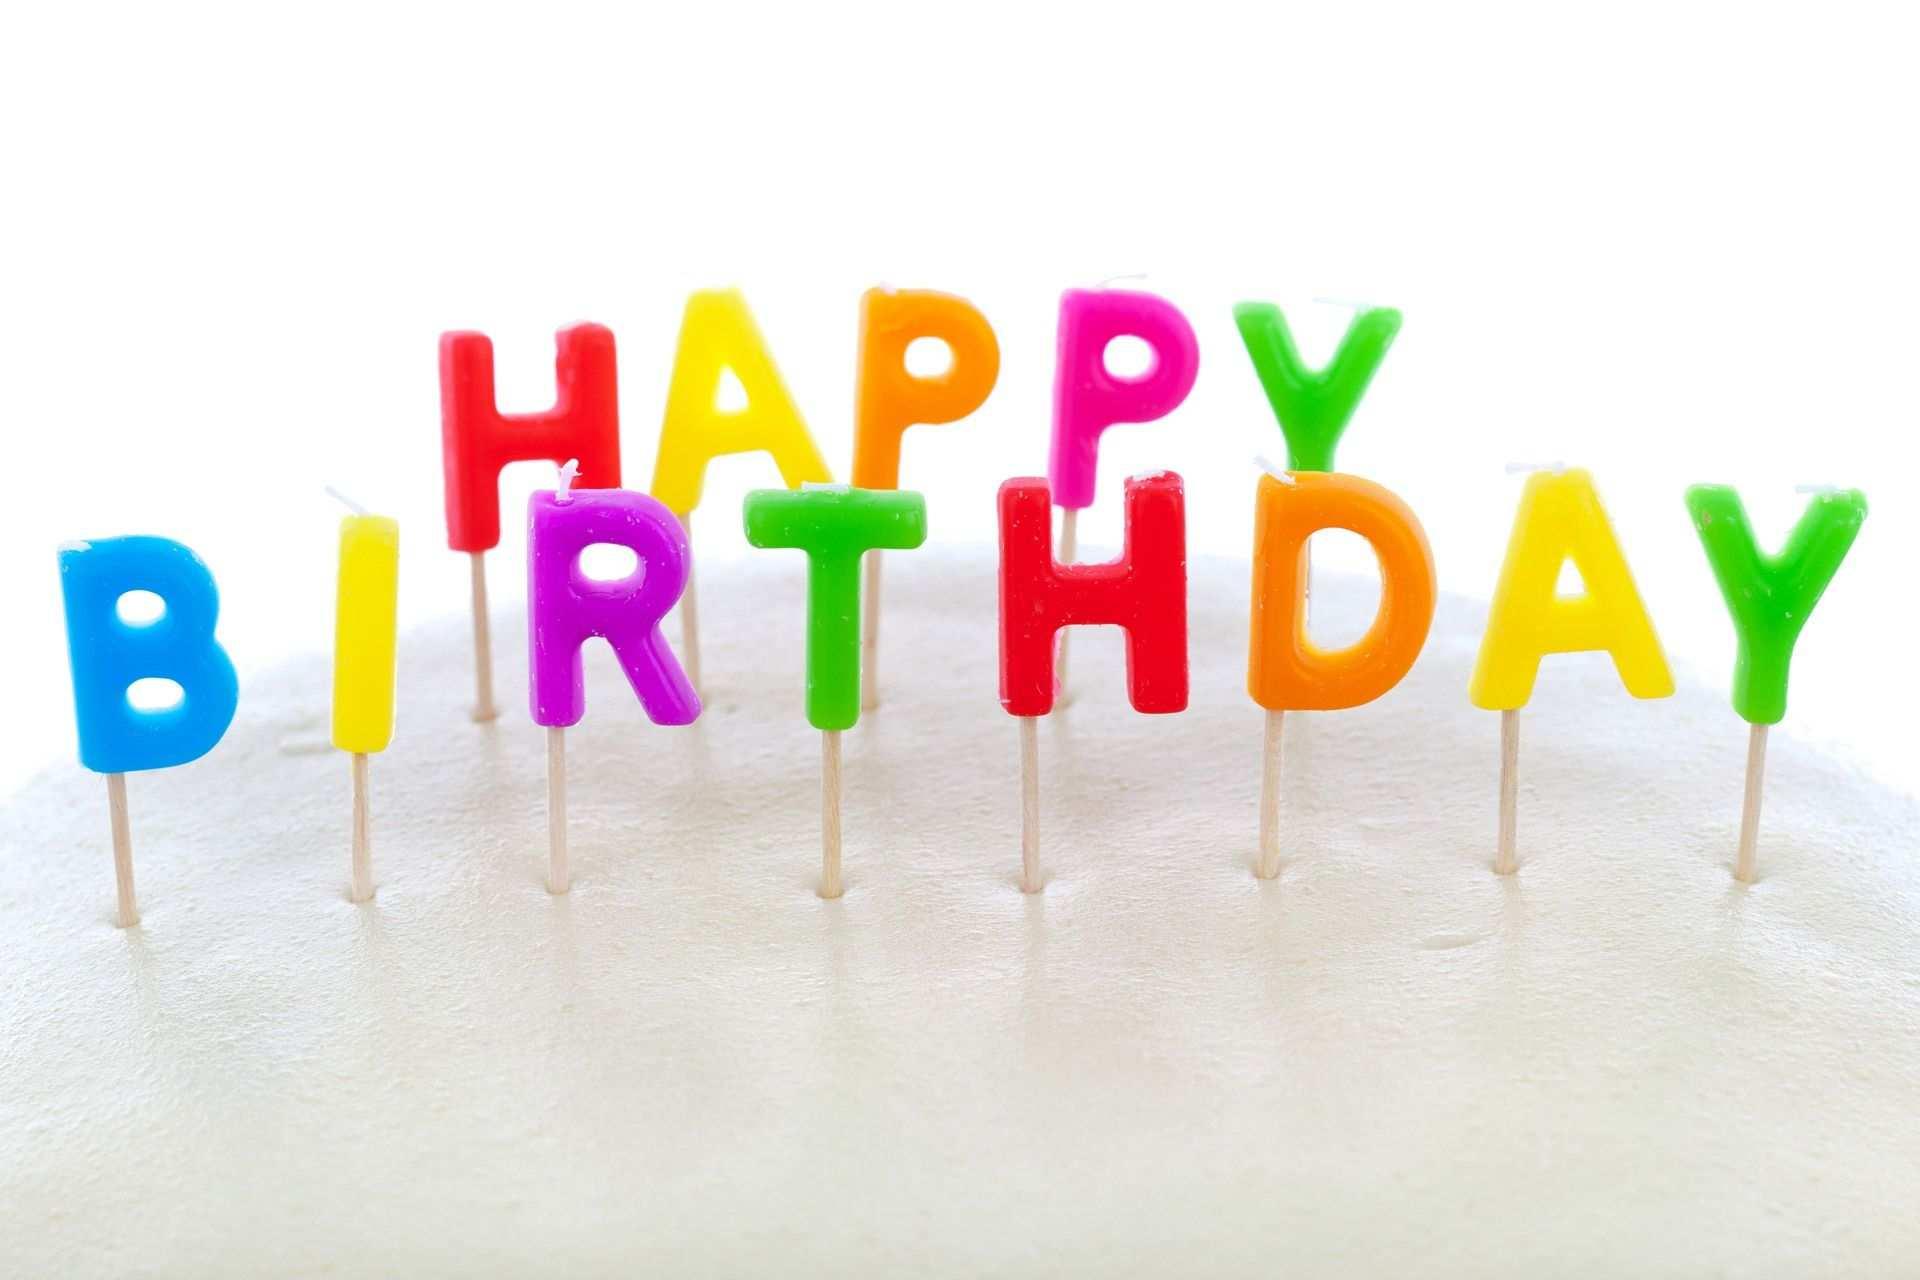 Gluckwunsche Zum Geburtstag Mustertexte Fur Geschaftliche Geburtstagsgruess Geburtstagsgrusse Alles Gute Zum Geburtstag Bilder Alles Gute Zum Geburtstag Text